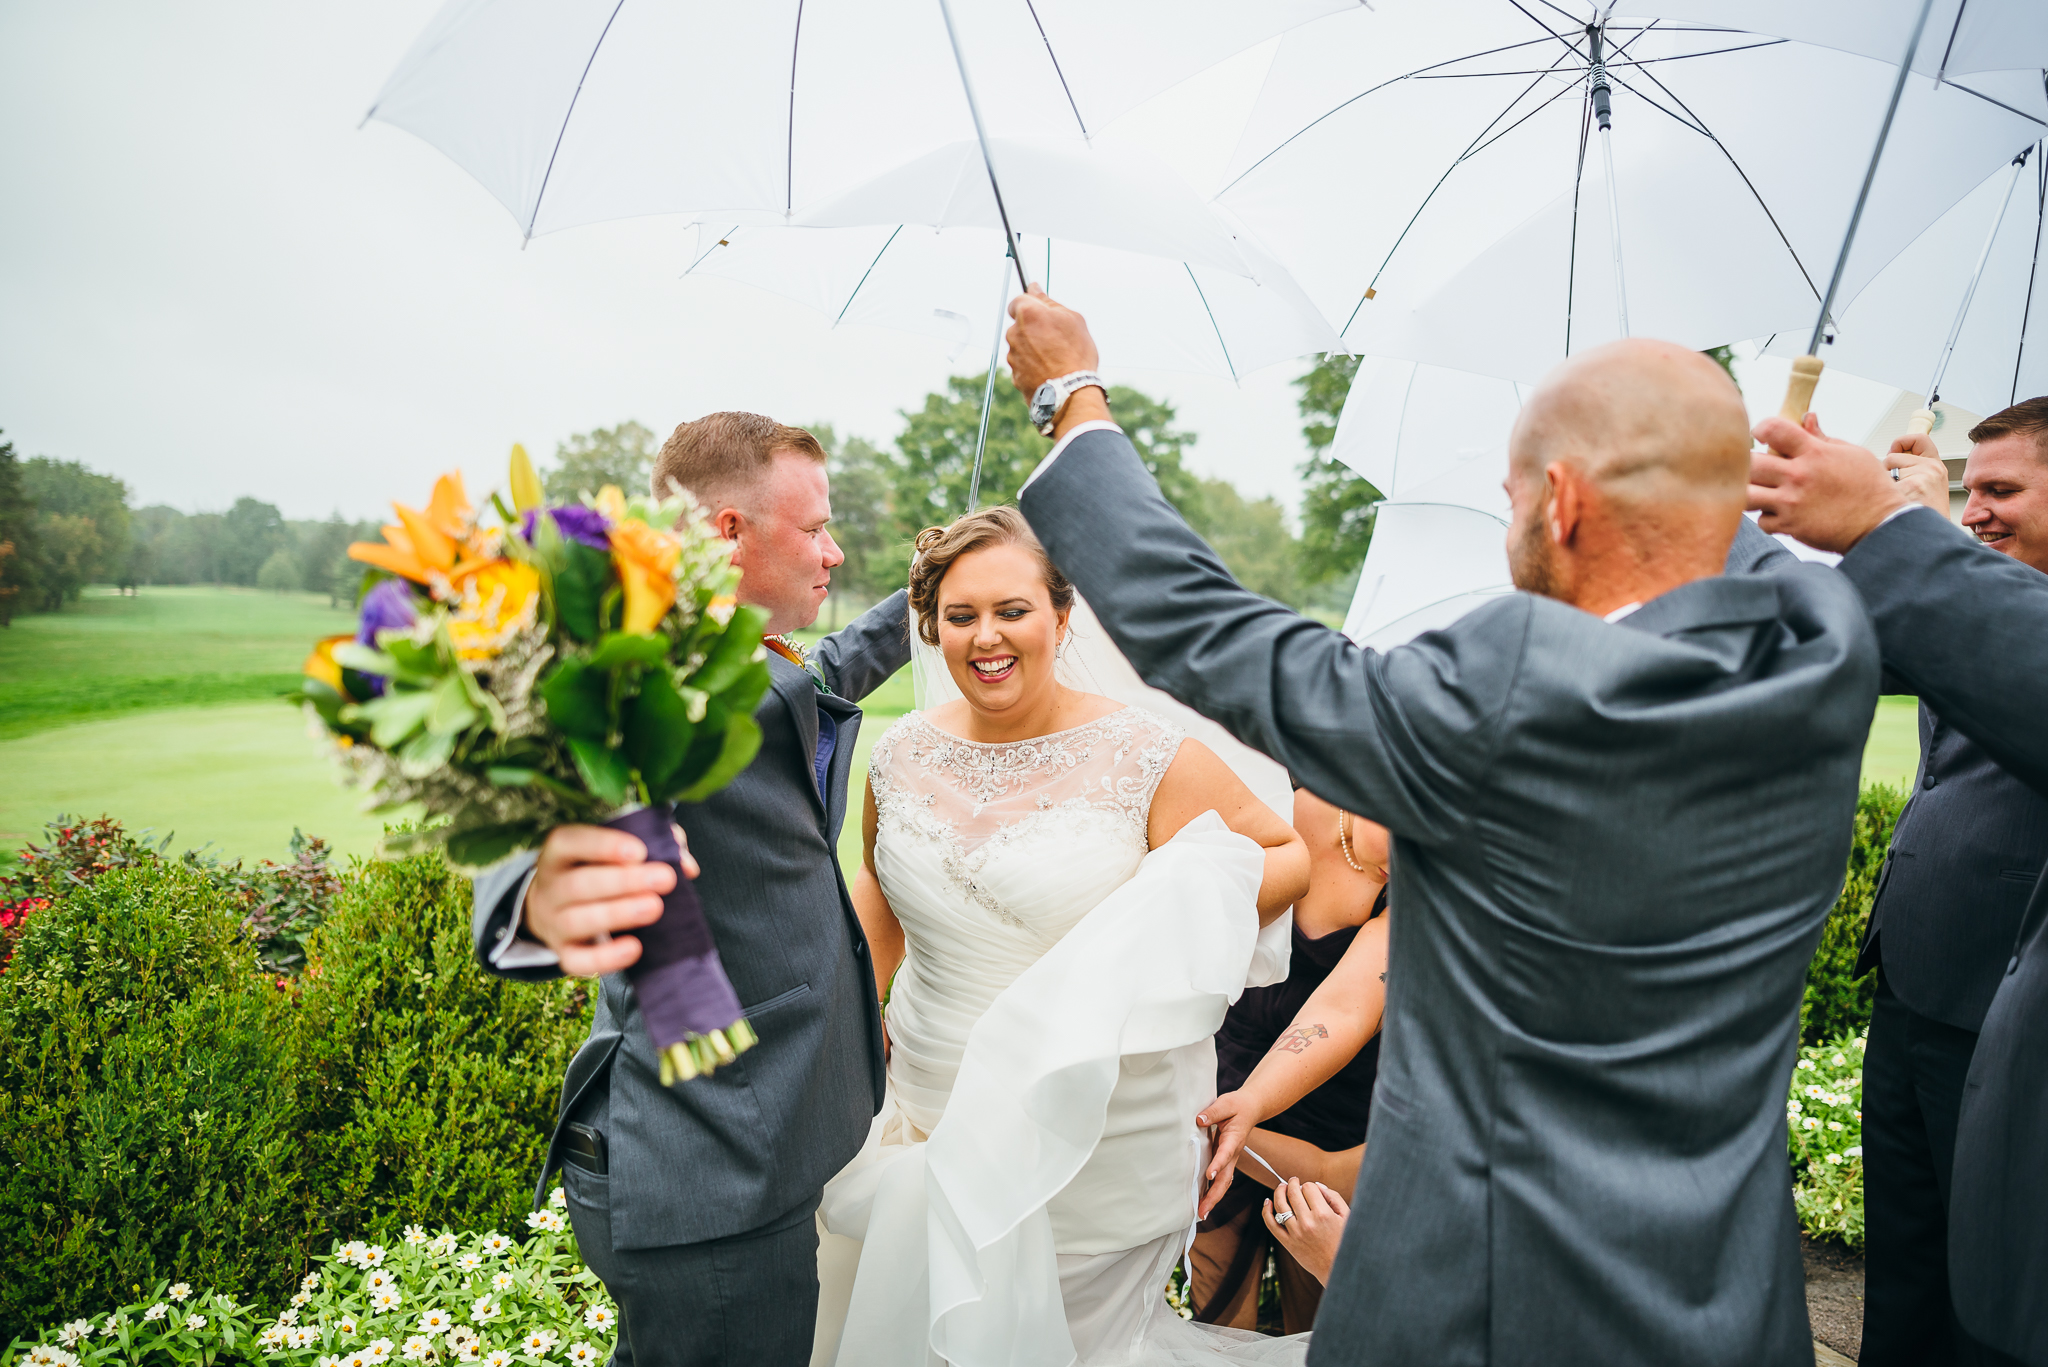 Flourtown_Country_Club_Wedding_NW-0022.jpg